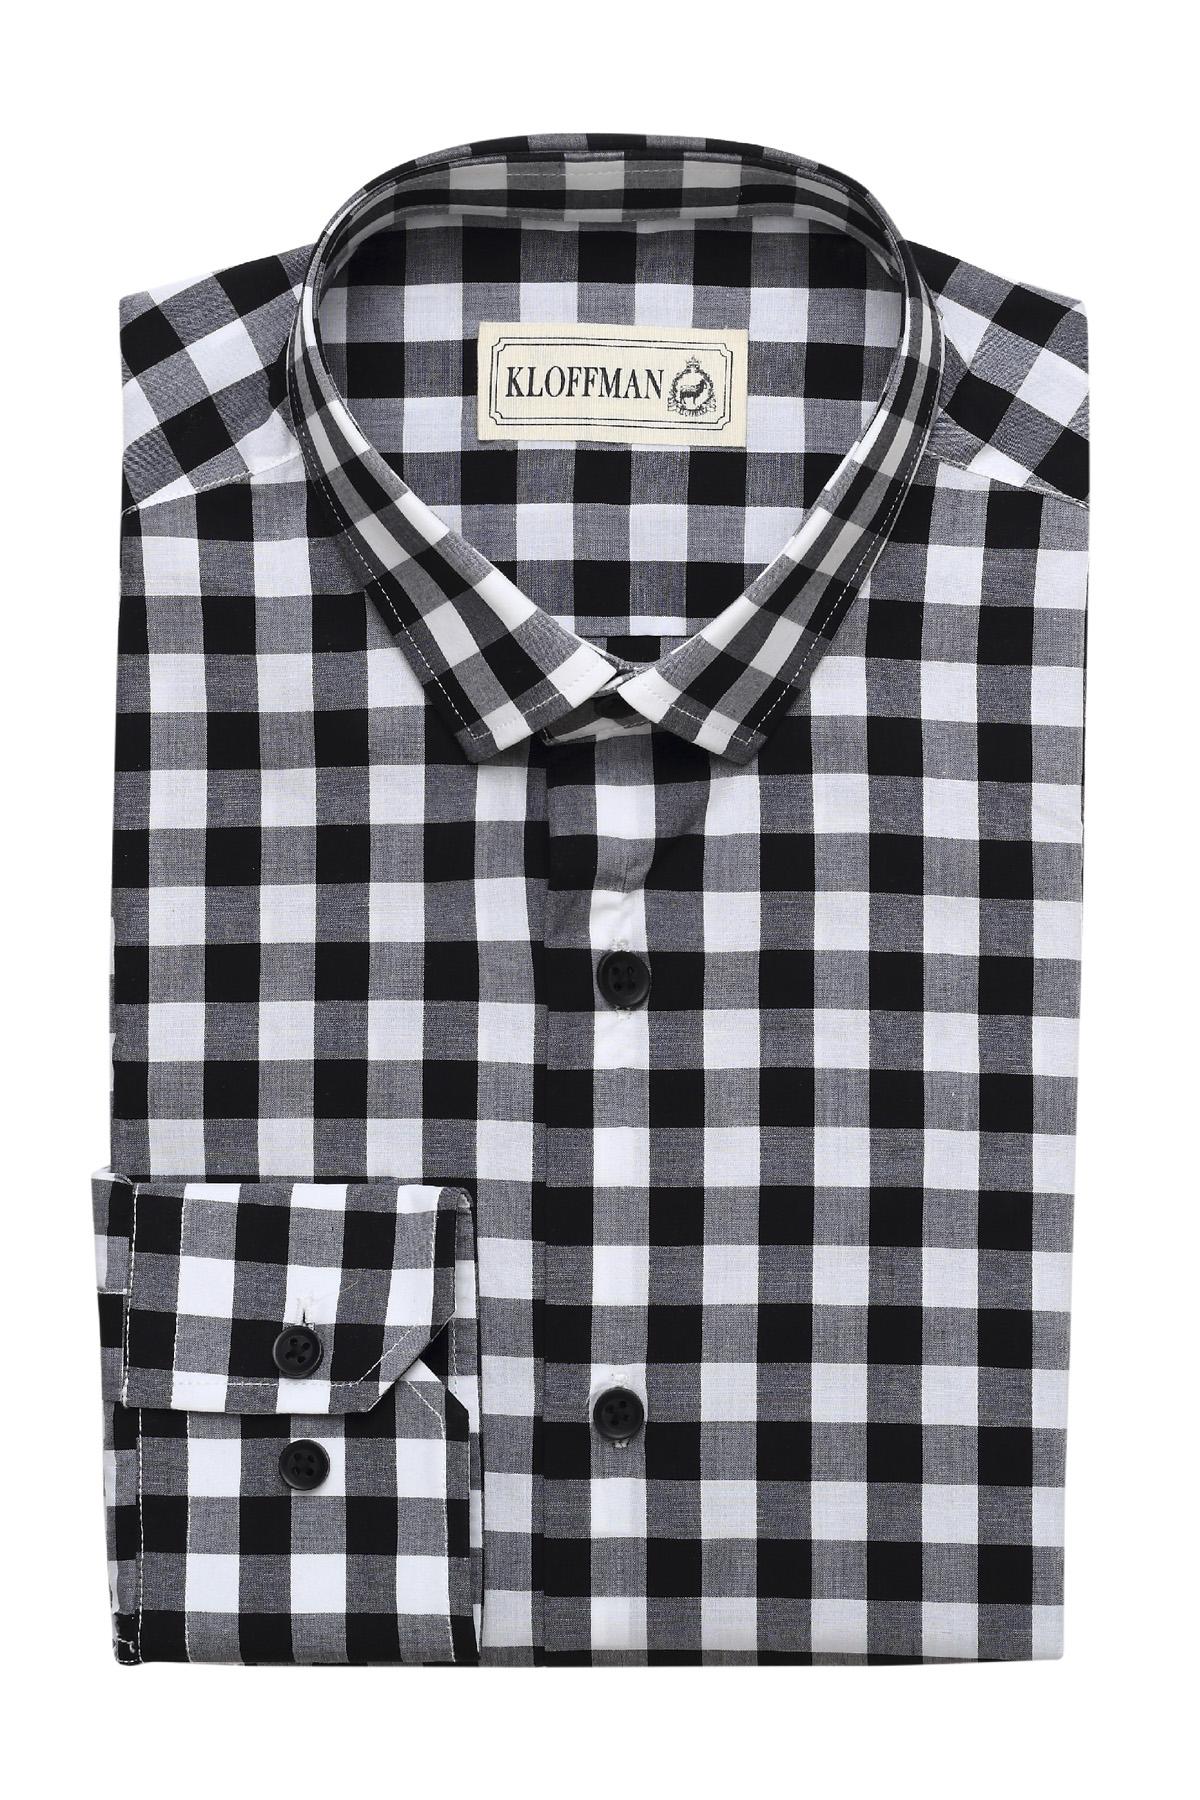 gingham check shirt men 39 s cotton shirt kloffman